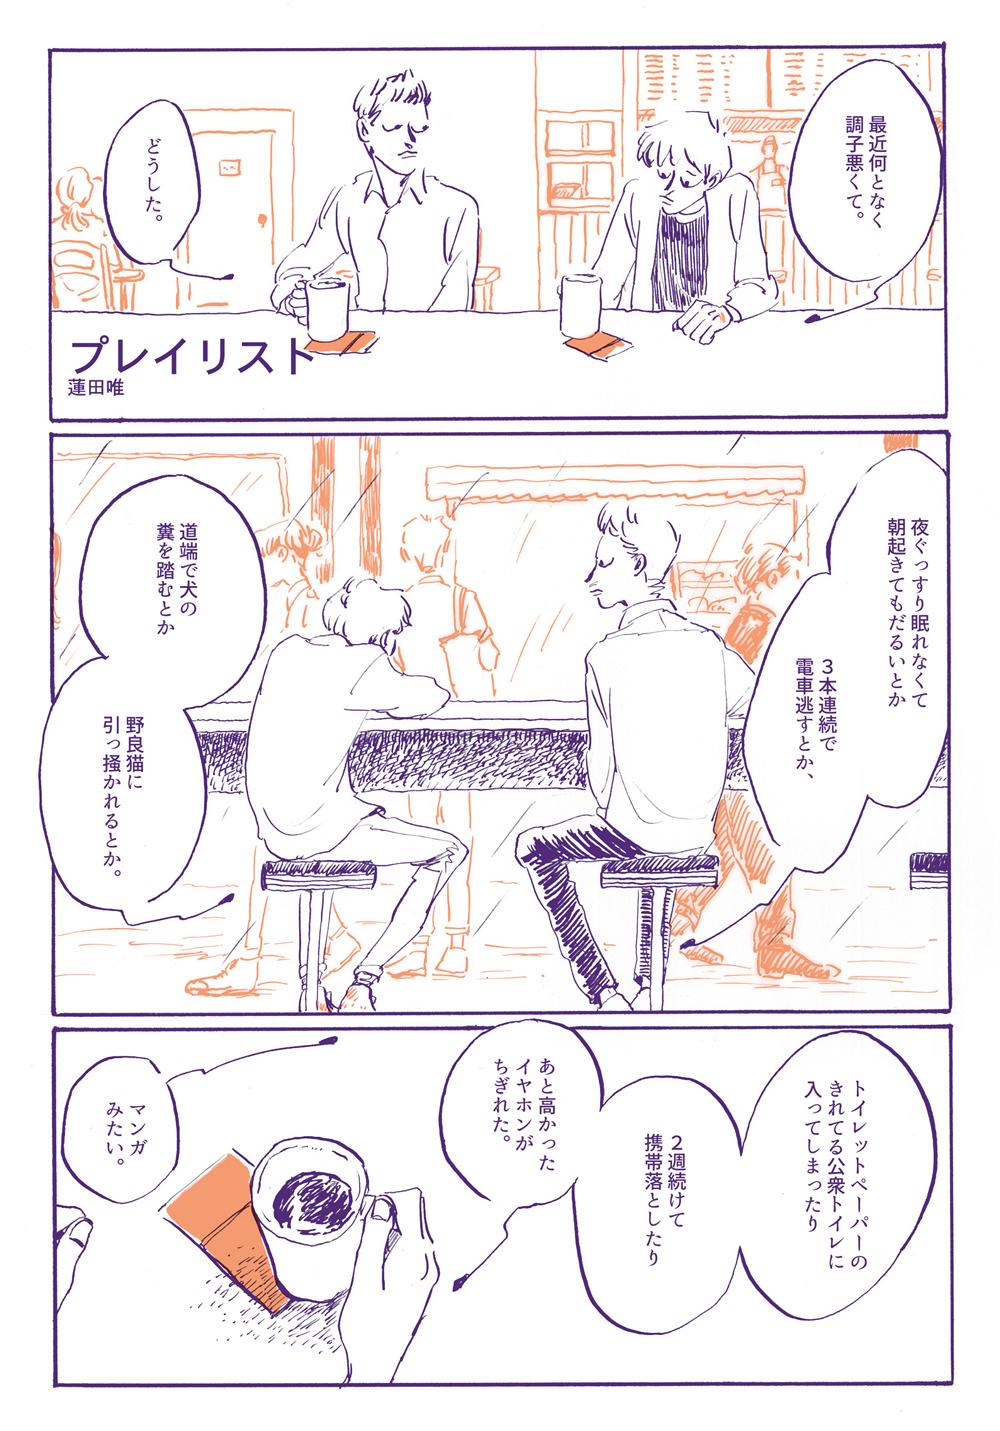 hasuda-yui-008-1